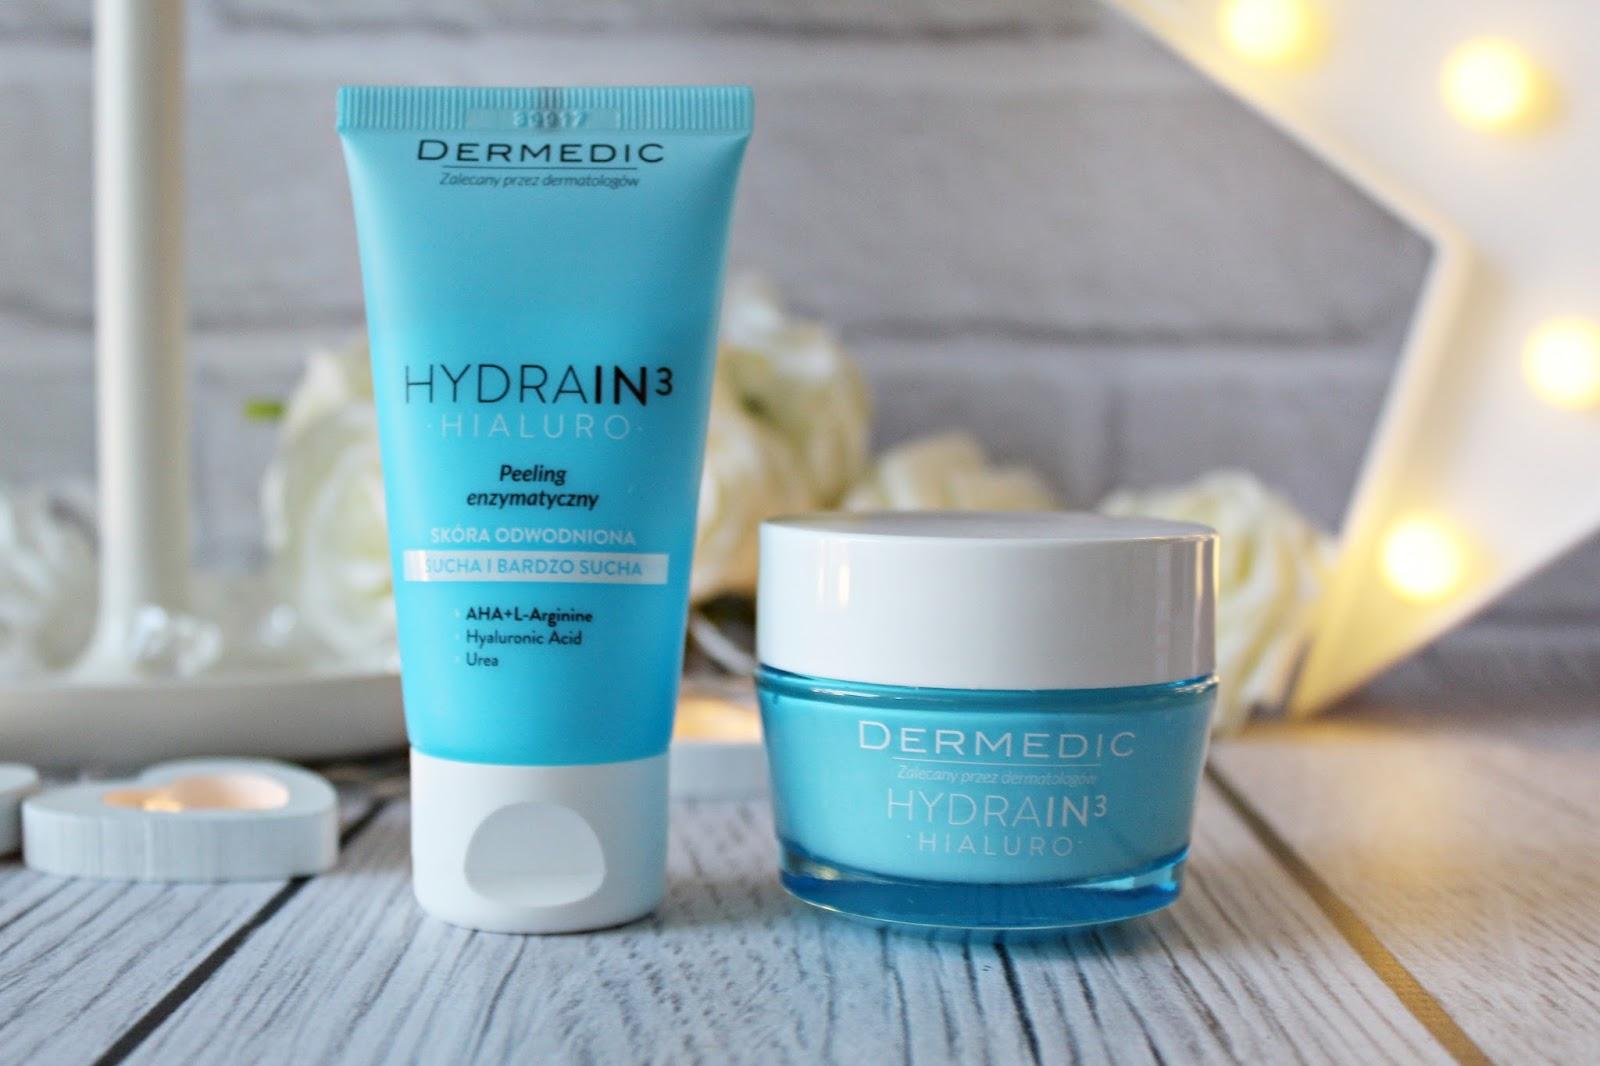 Idealna pomoc dla suchej skóry - DERMEDIC - HYDRAIN3 HIALURO  - peeling enzymatyczny i krem nawilżający